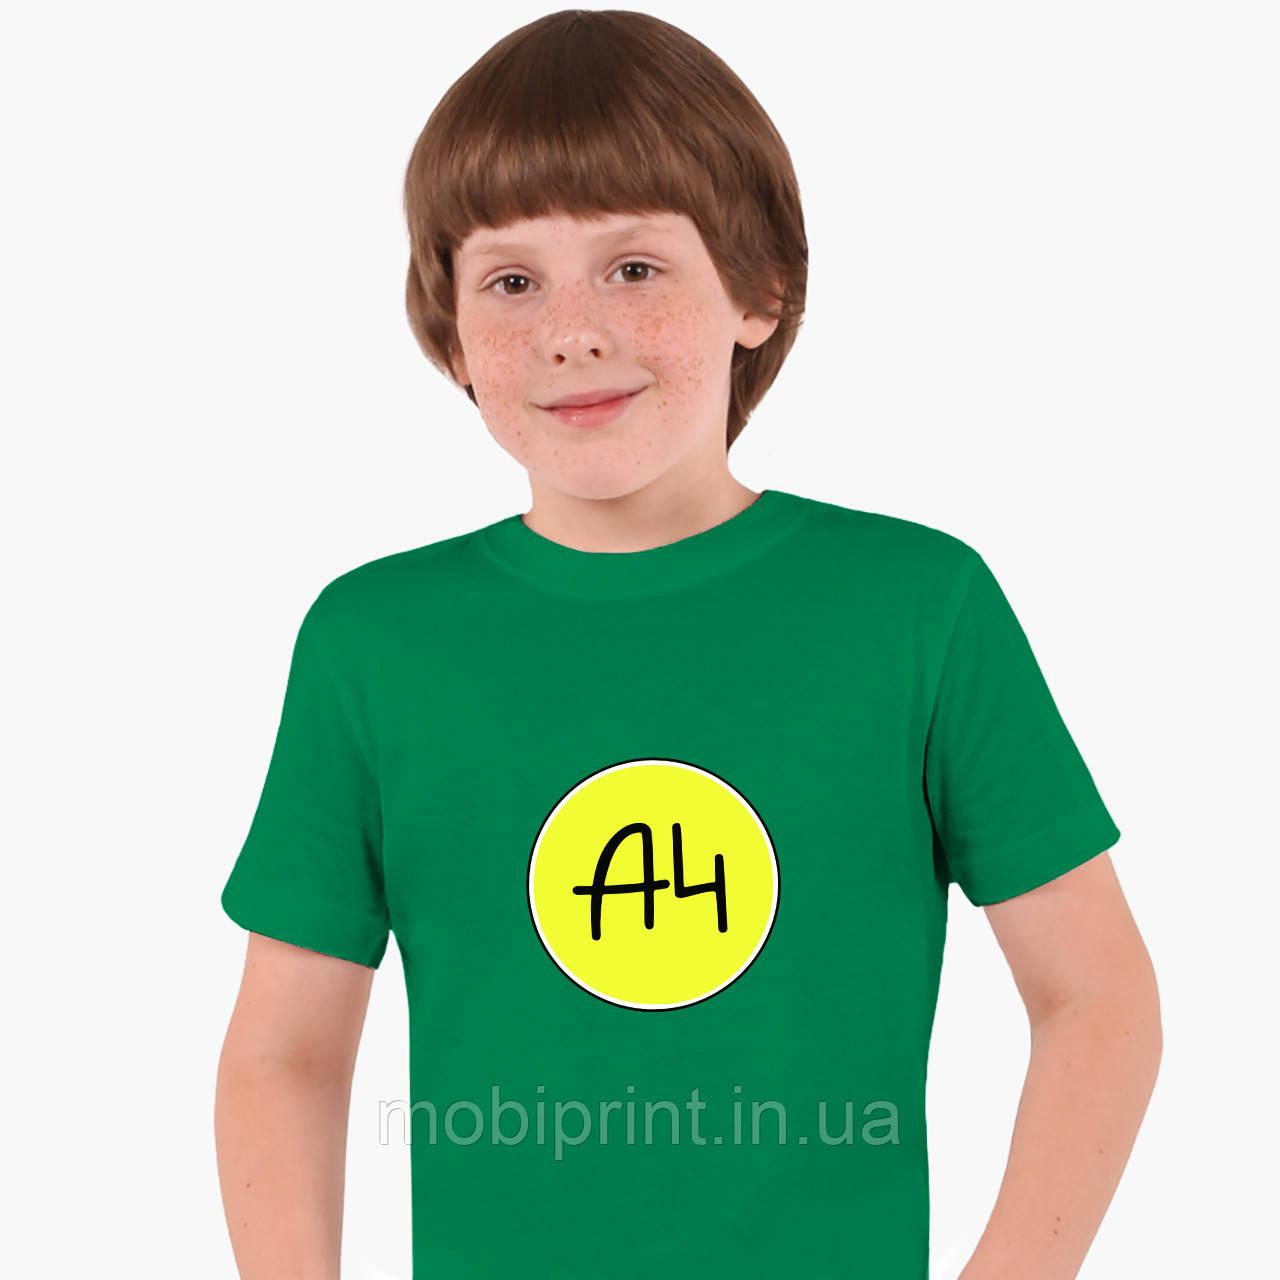 Дитяча футболка для хлопчиків блогер Влад Папір А4 (blogger Vlad A4) (25186-2620) Зелений